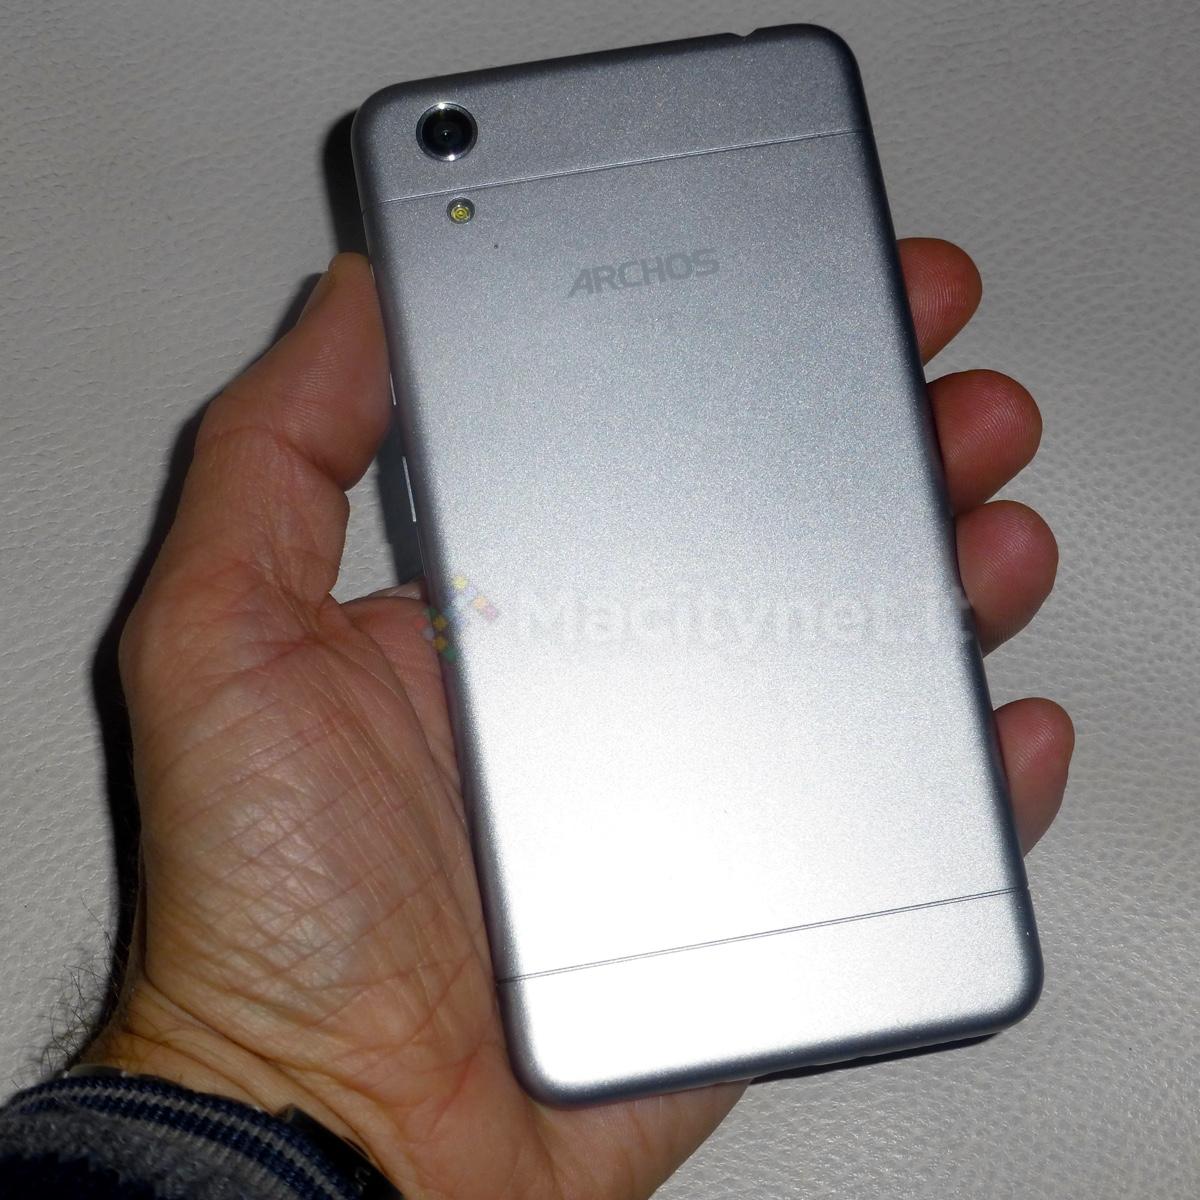 archos 50 oxygen plus l elegante smartphone android che somiglia a iphone 6 costa solo 199 euro. Black Bedroom Furniture Sets. Home Design Ideas